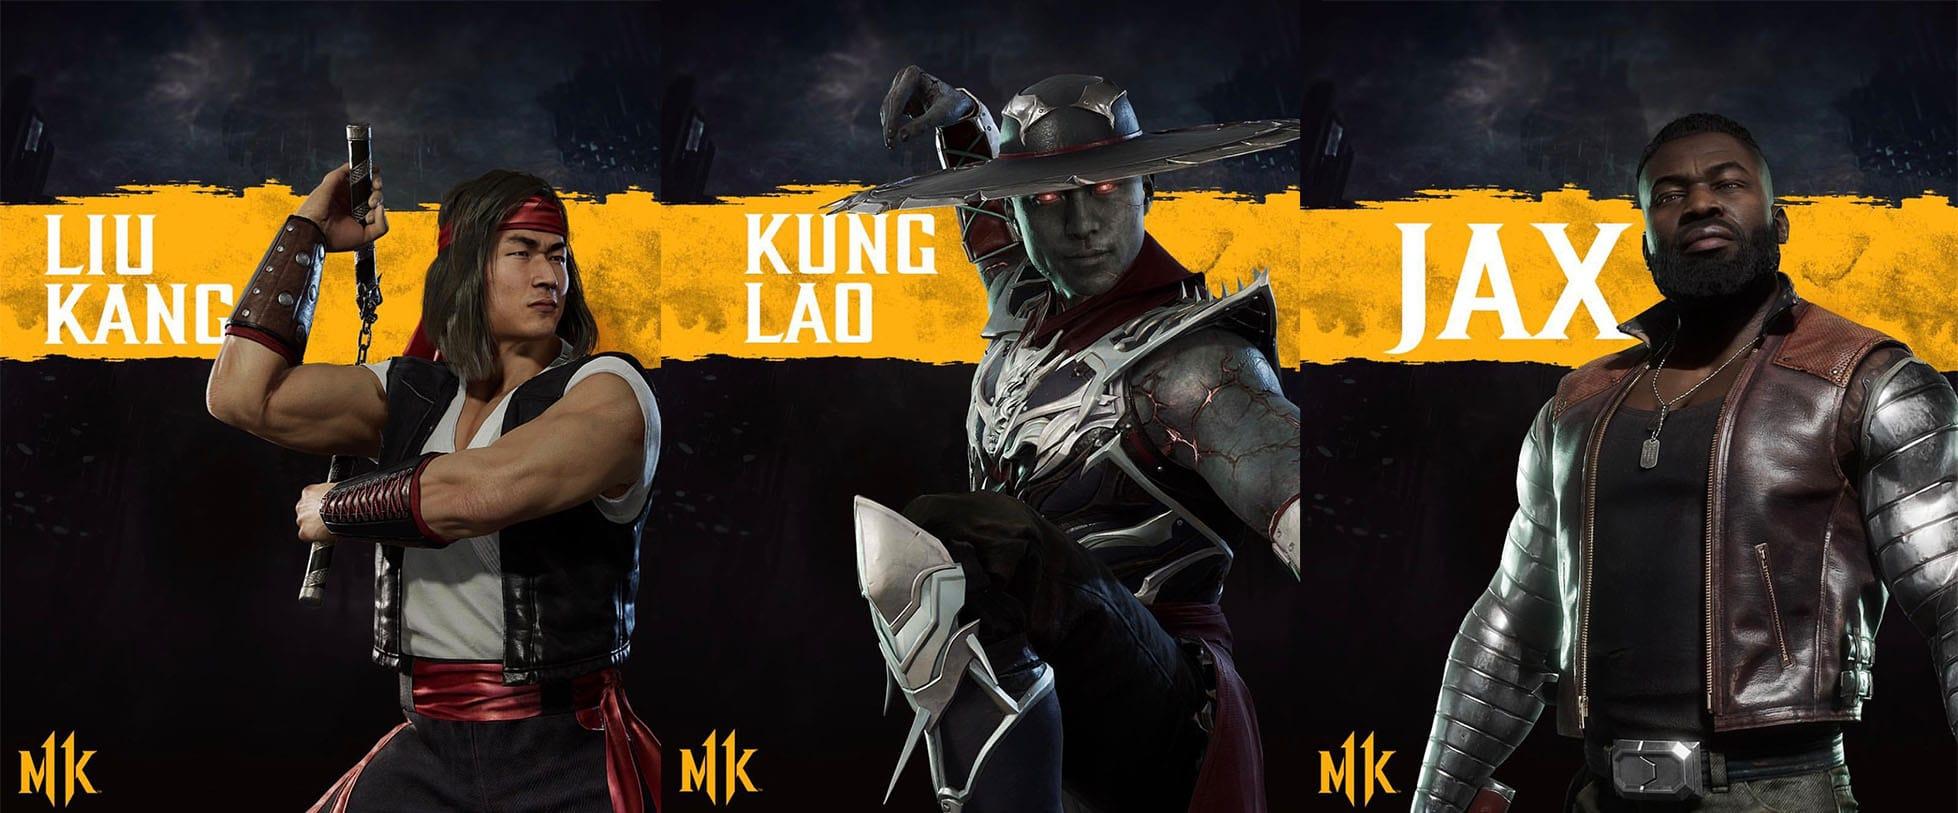 Liu Kang, Kung Lao y Jax son confirmados para Mortal Kombat 11